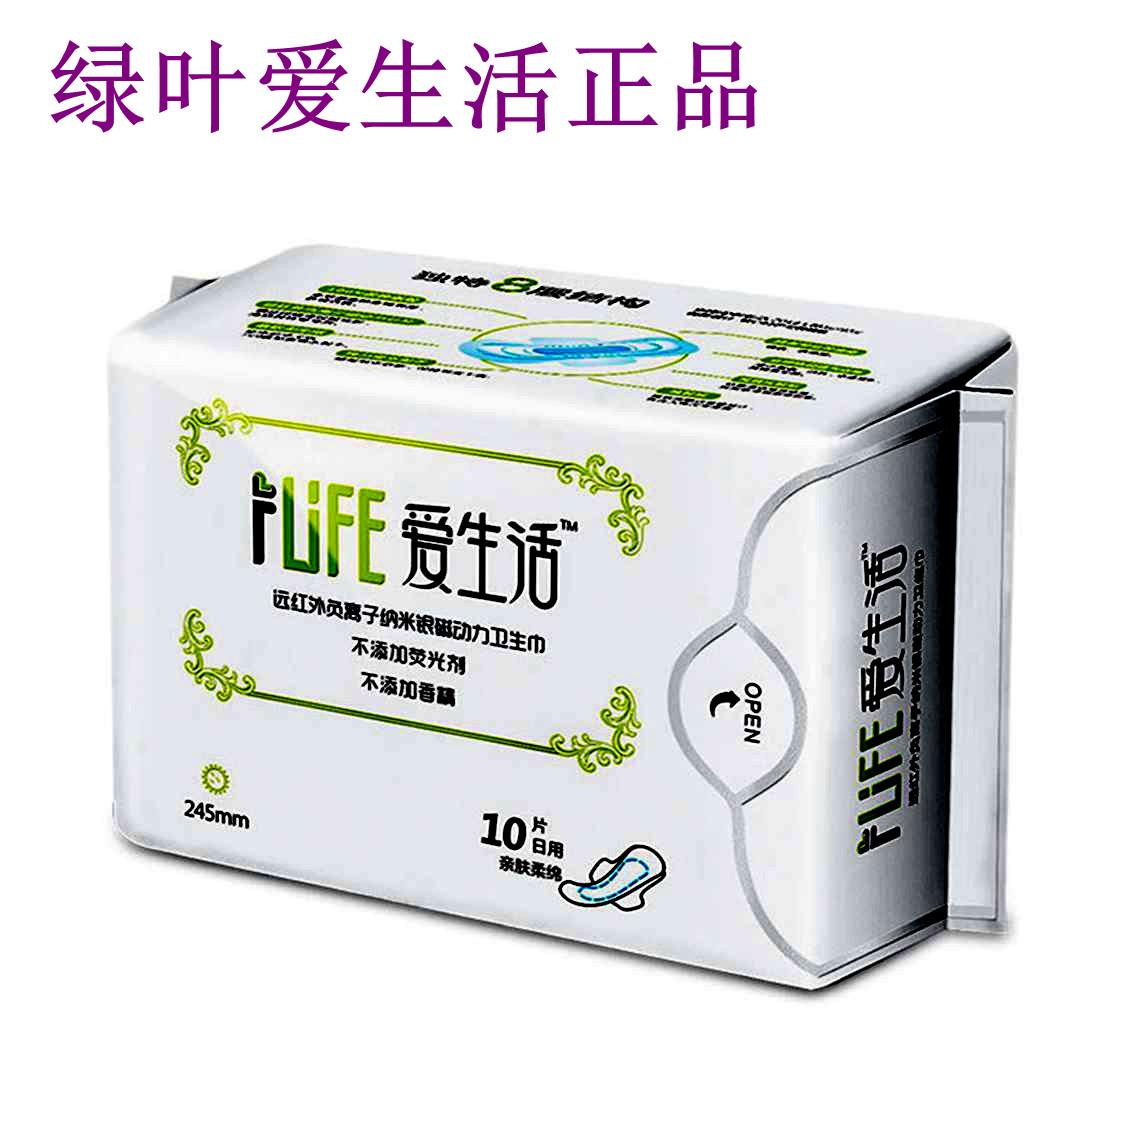 热卖绿叶爱生活纳米日用干爽卫生巾透气负离子磁动力超薄亲肤柔棉2包图片